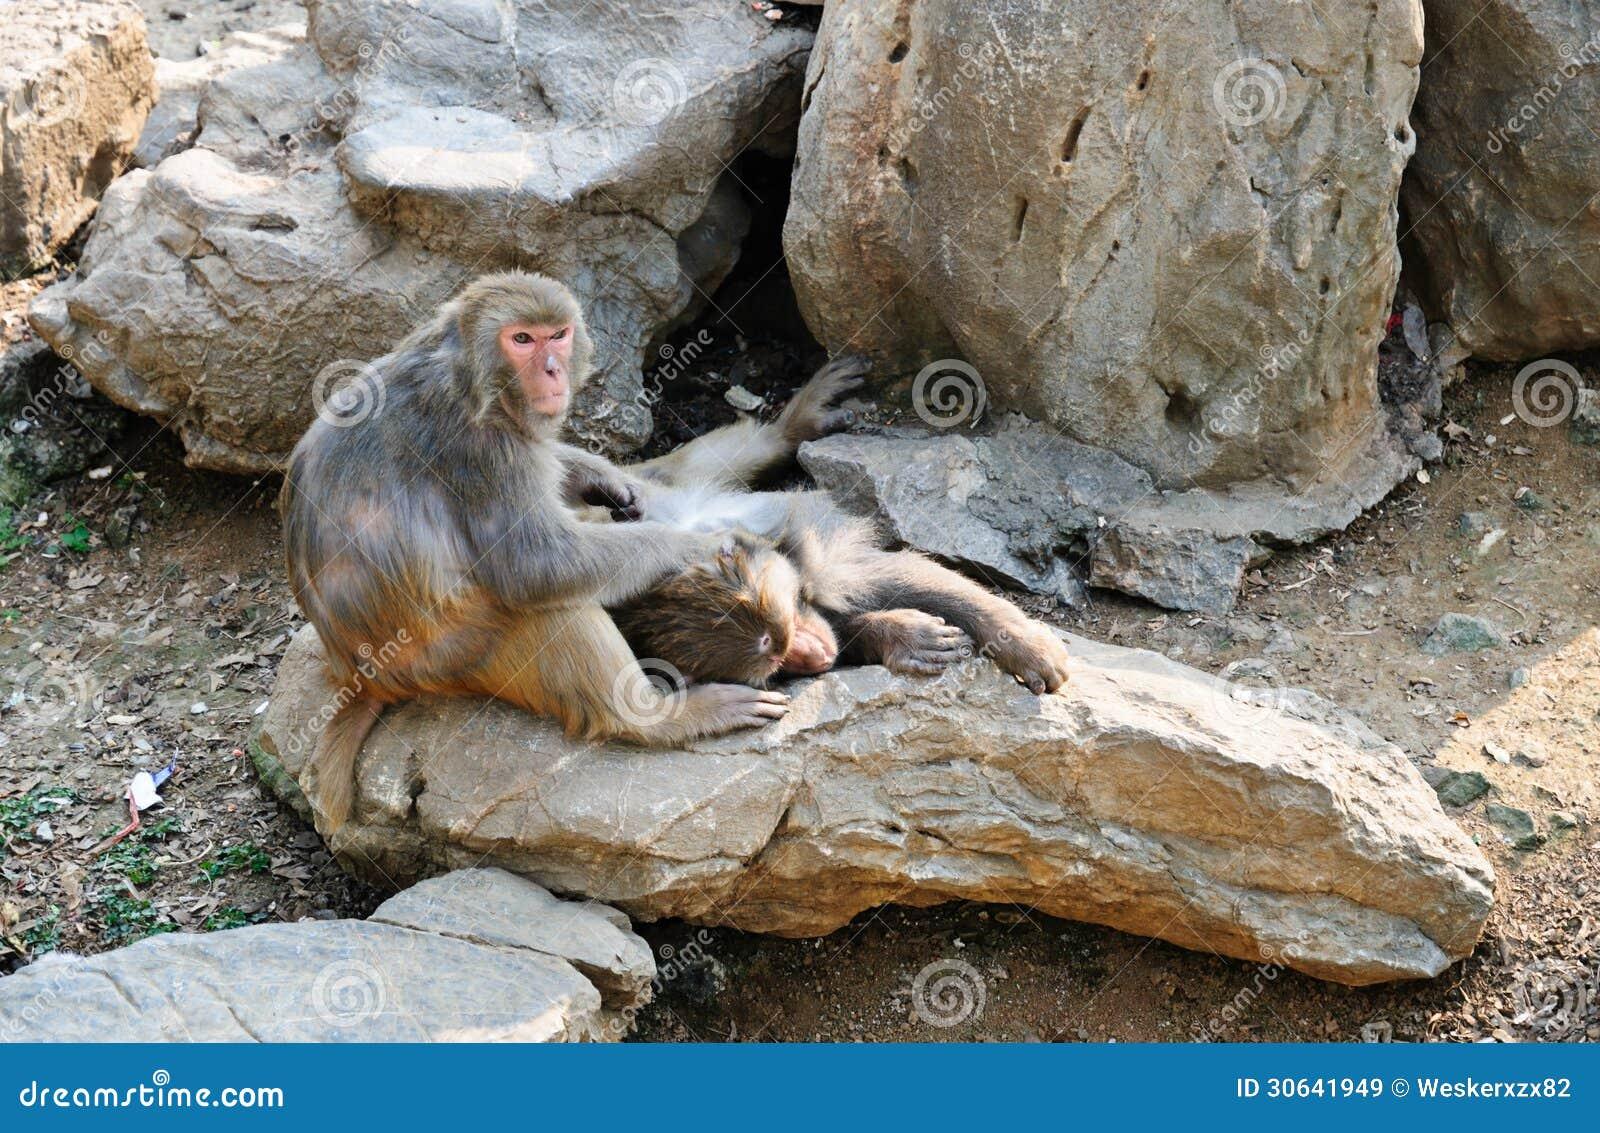 dream on monkey mountain pdf